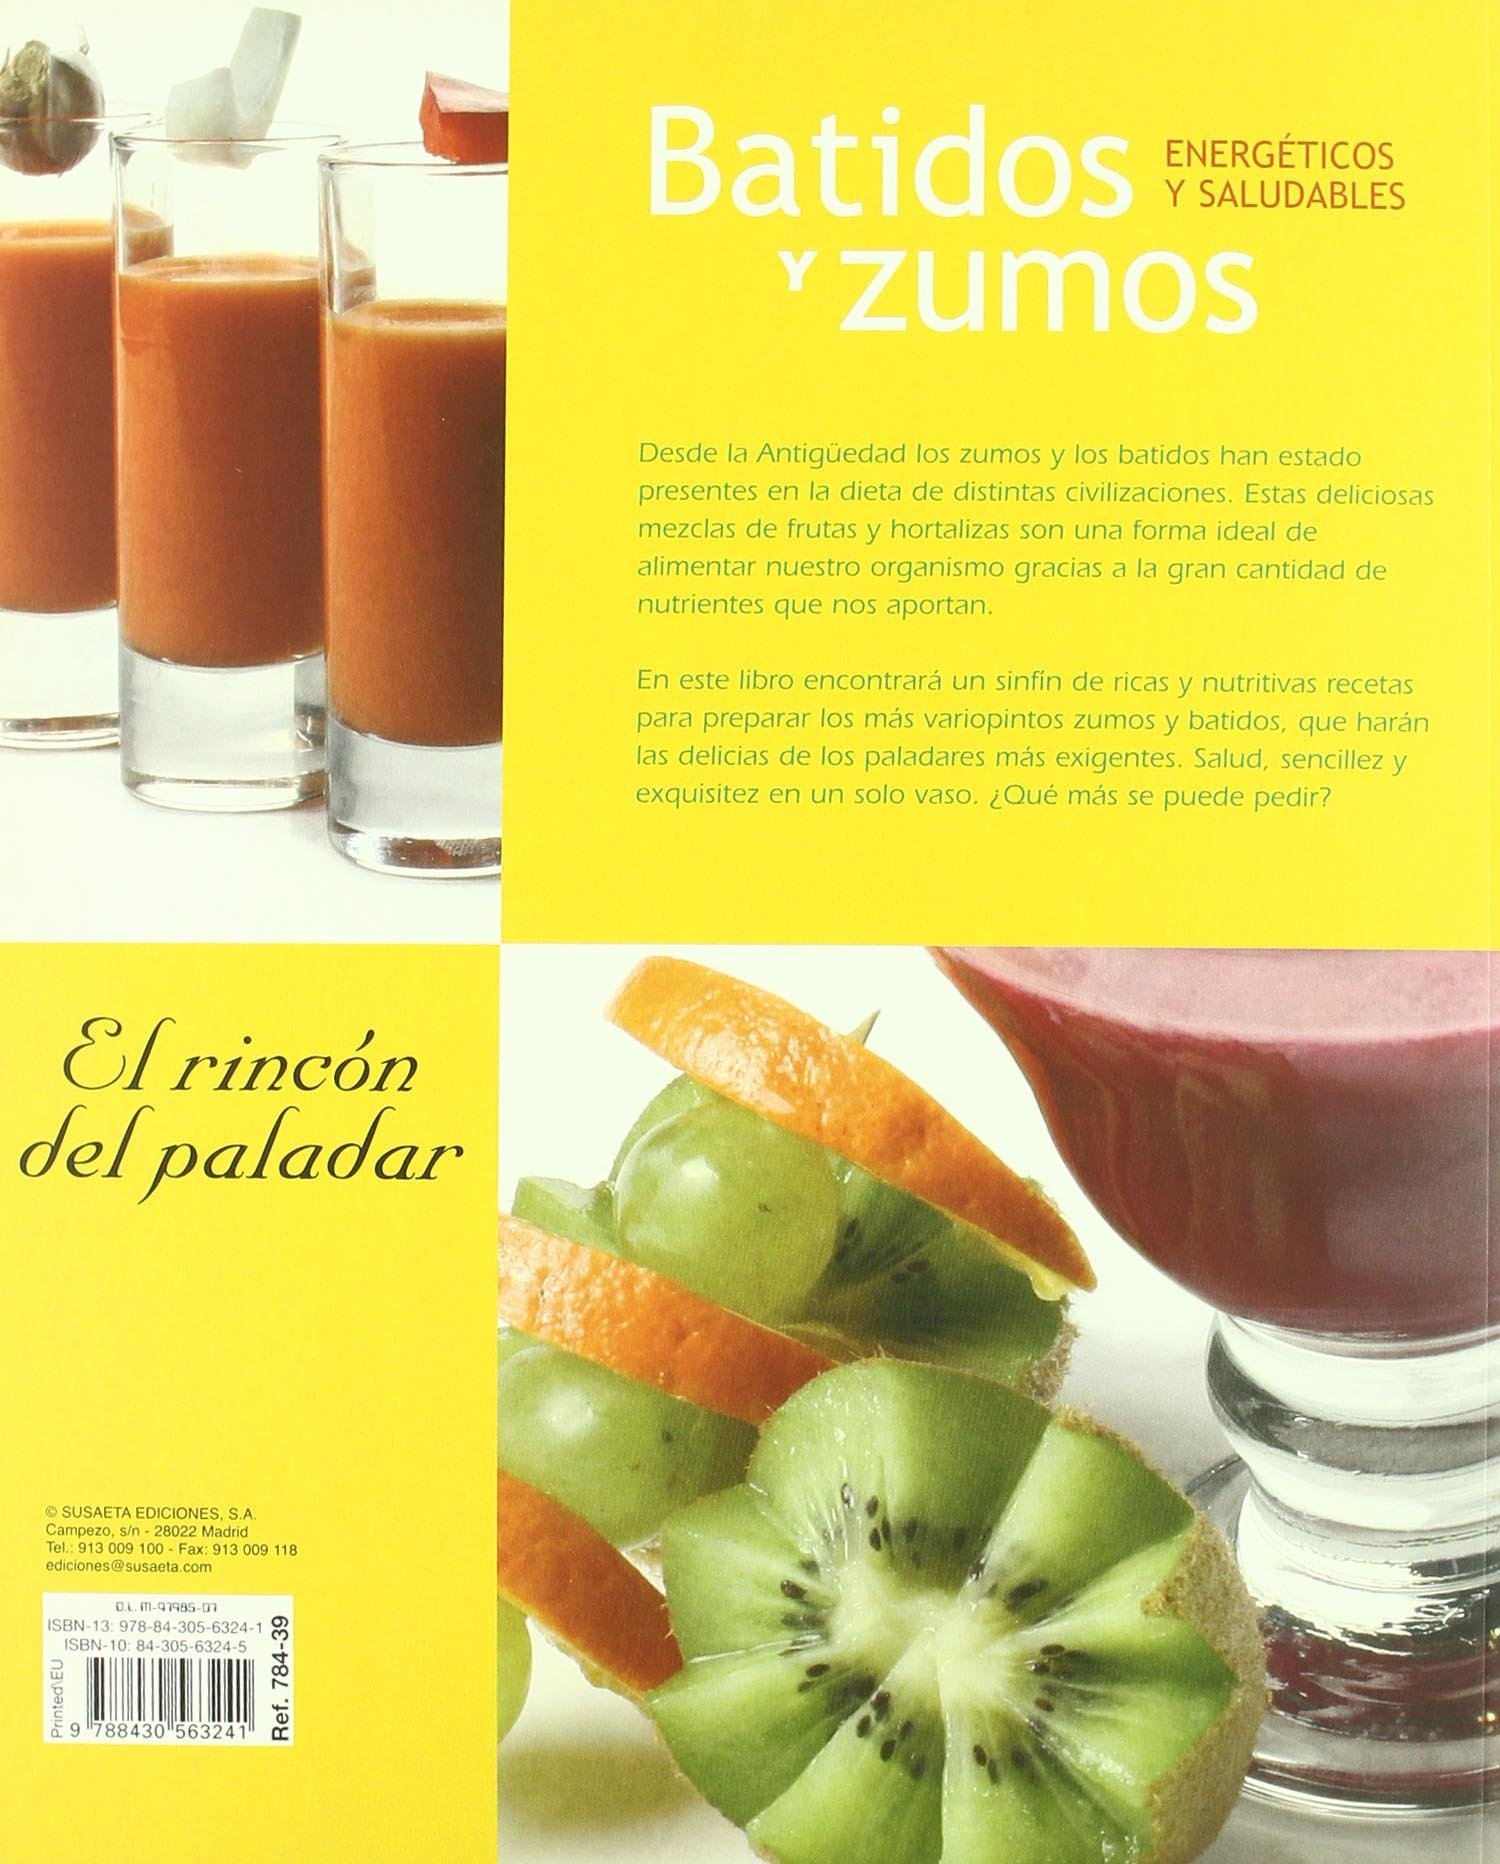 Batidos y zumos energeticos y saludables